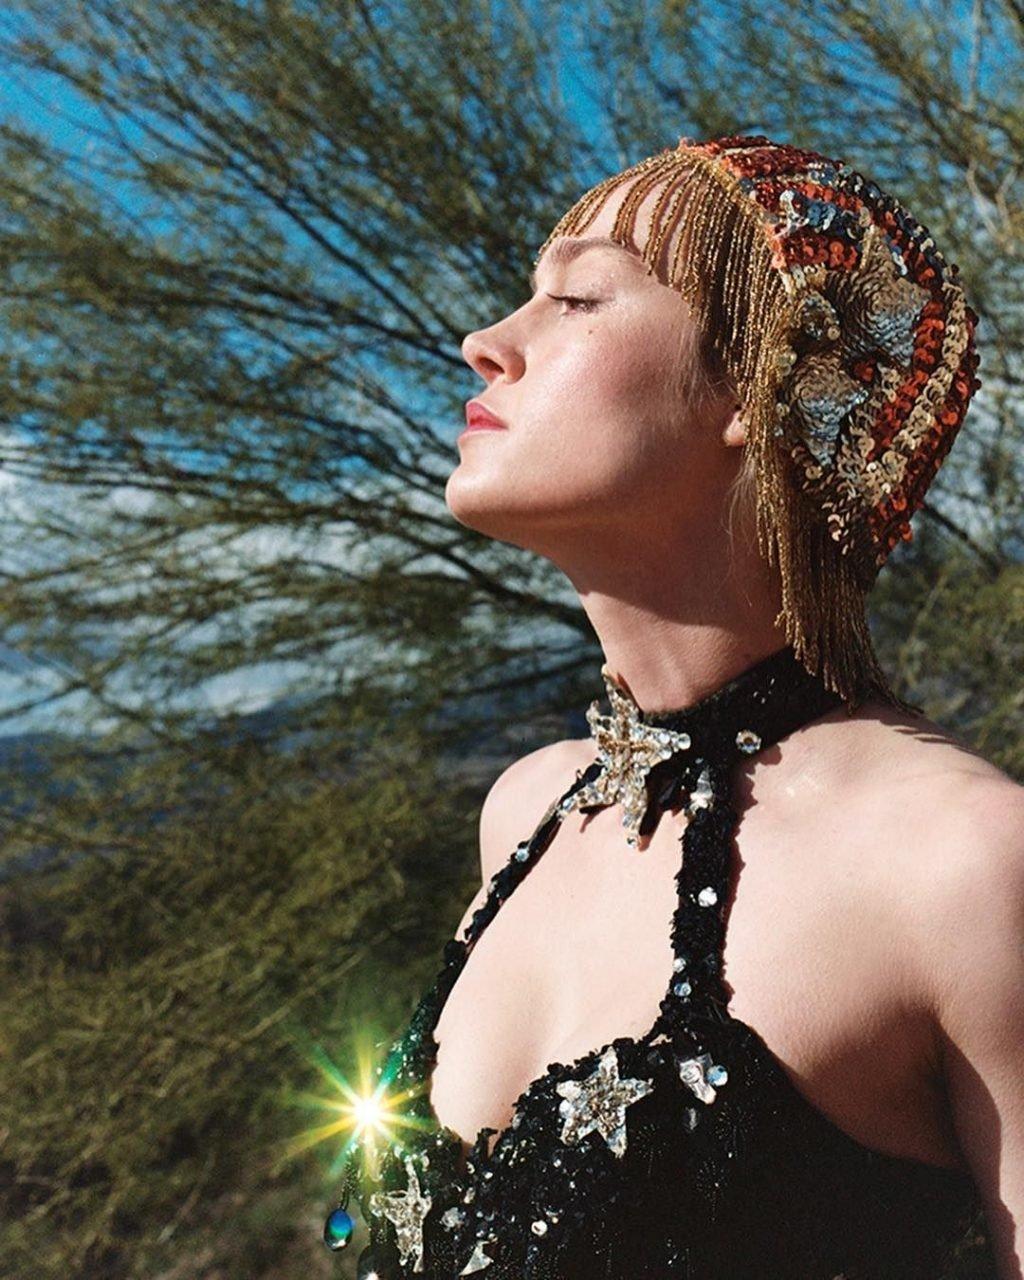 Brie Larson Sexy (9 Photos)